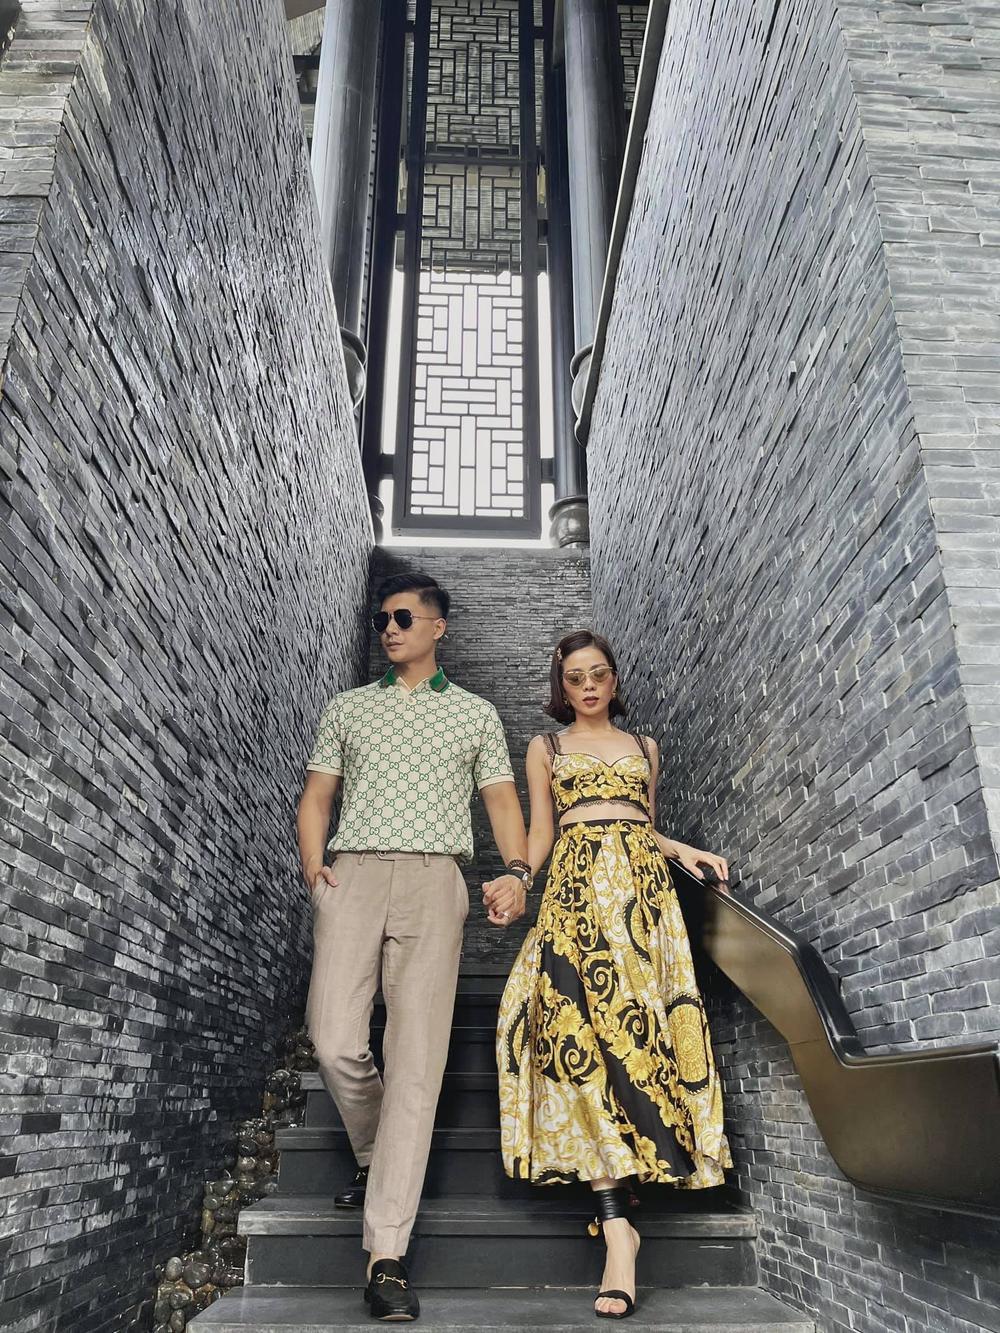 Lệ Quyên 'đụng độ' em chồng Hà Tăng với váy áo họa tiết sặc sỡ, khó phân bì ai đẹp hơn Ảnh 1